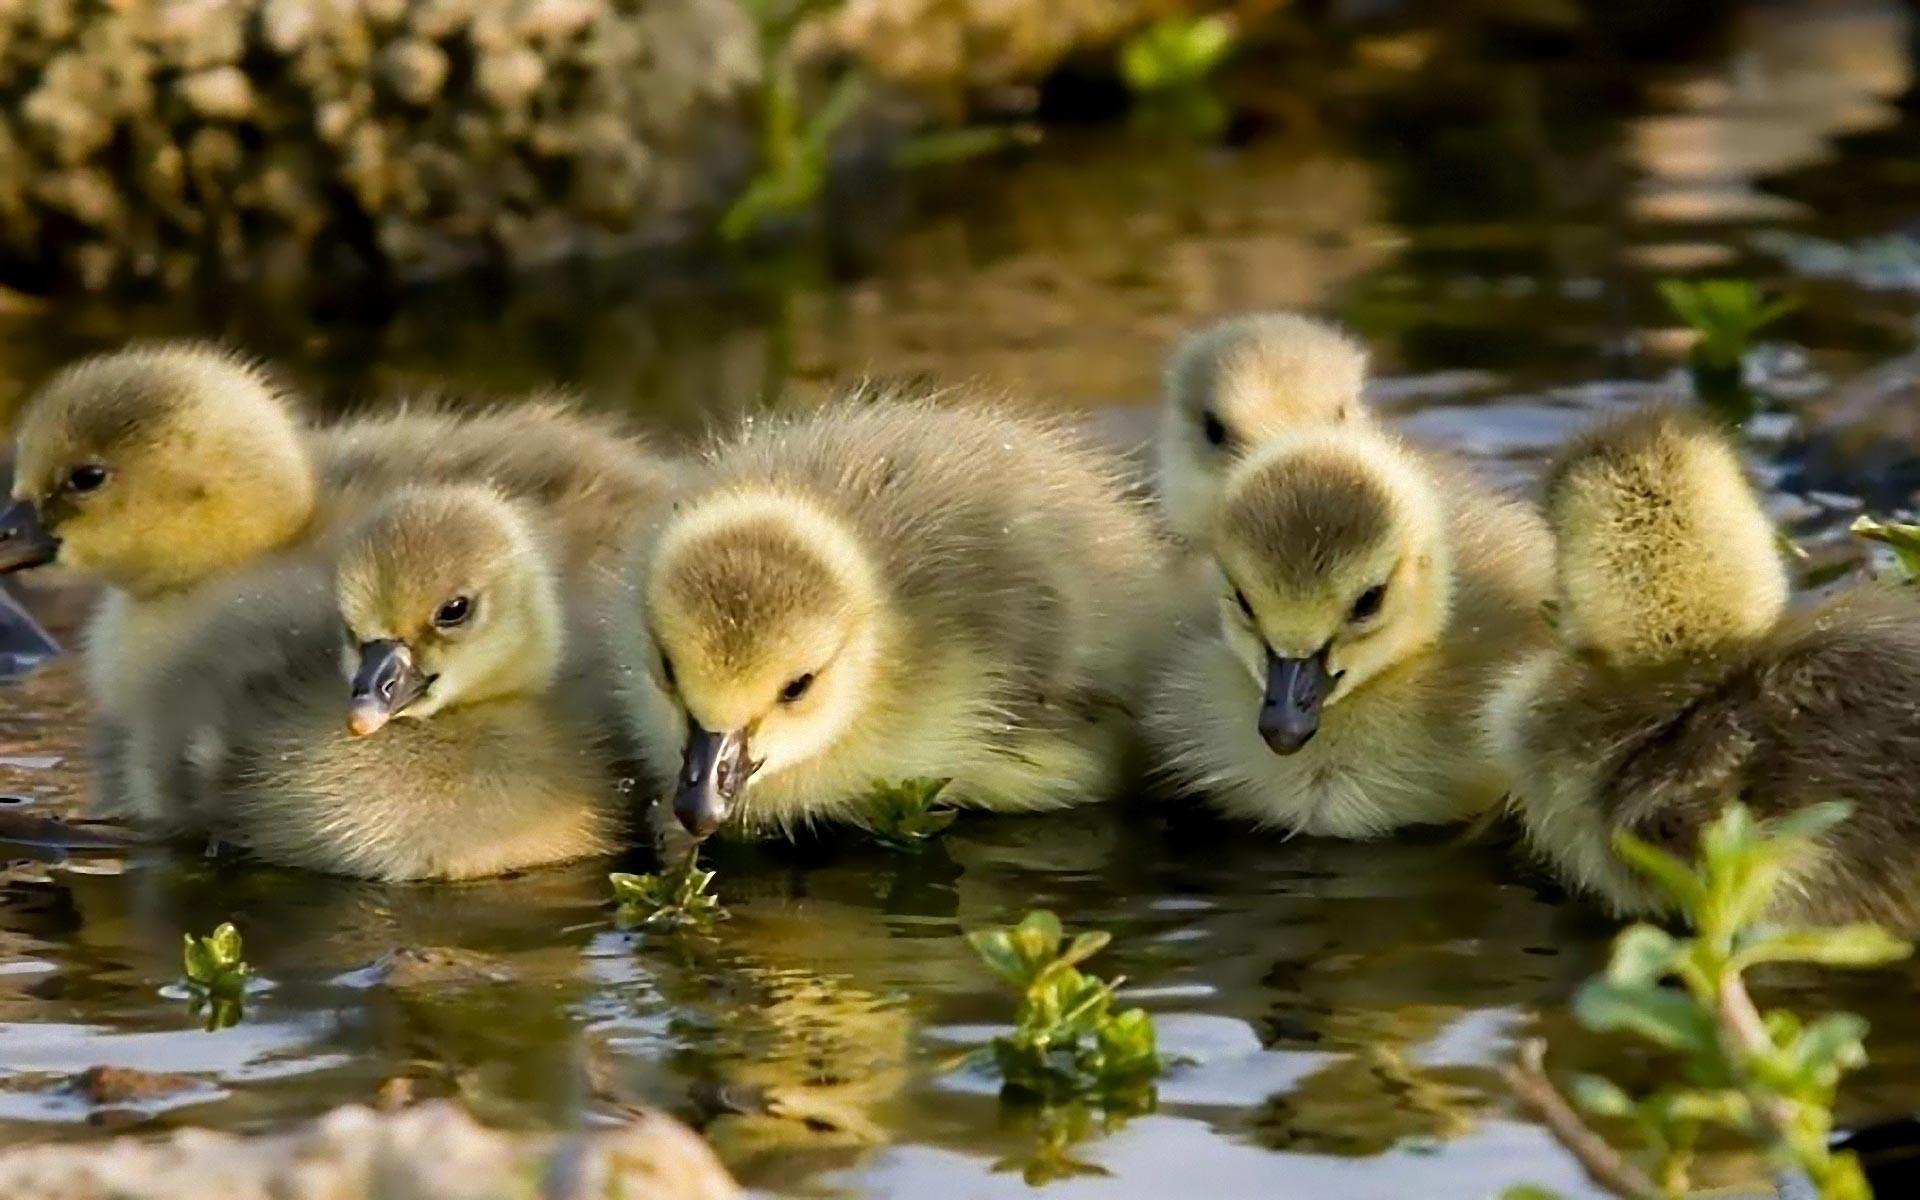 bird Baby Ducks Wallpapers | HD Wallpapers